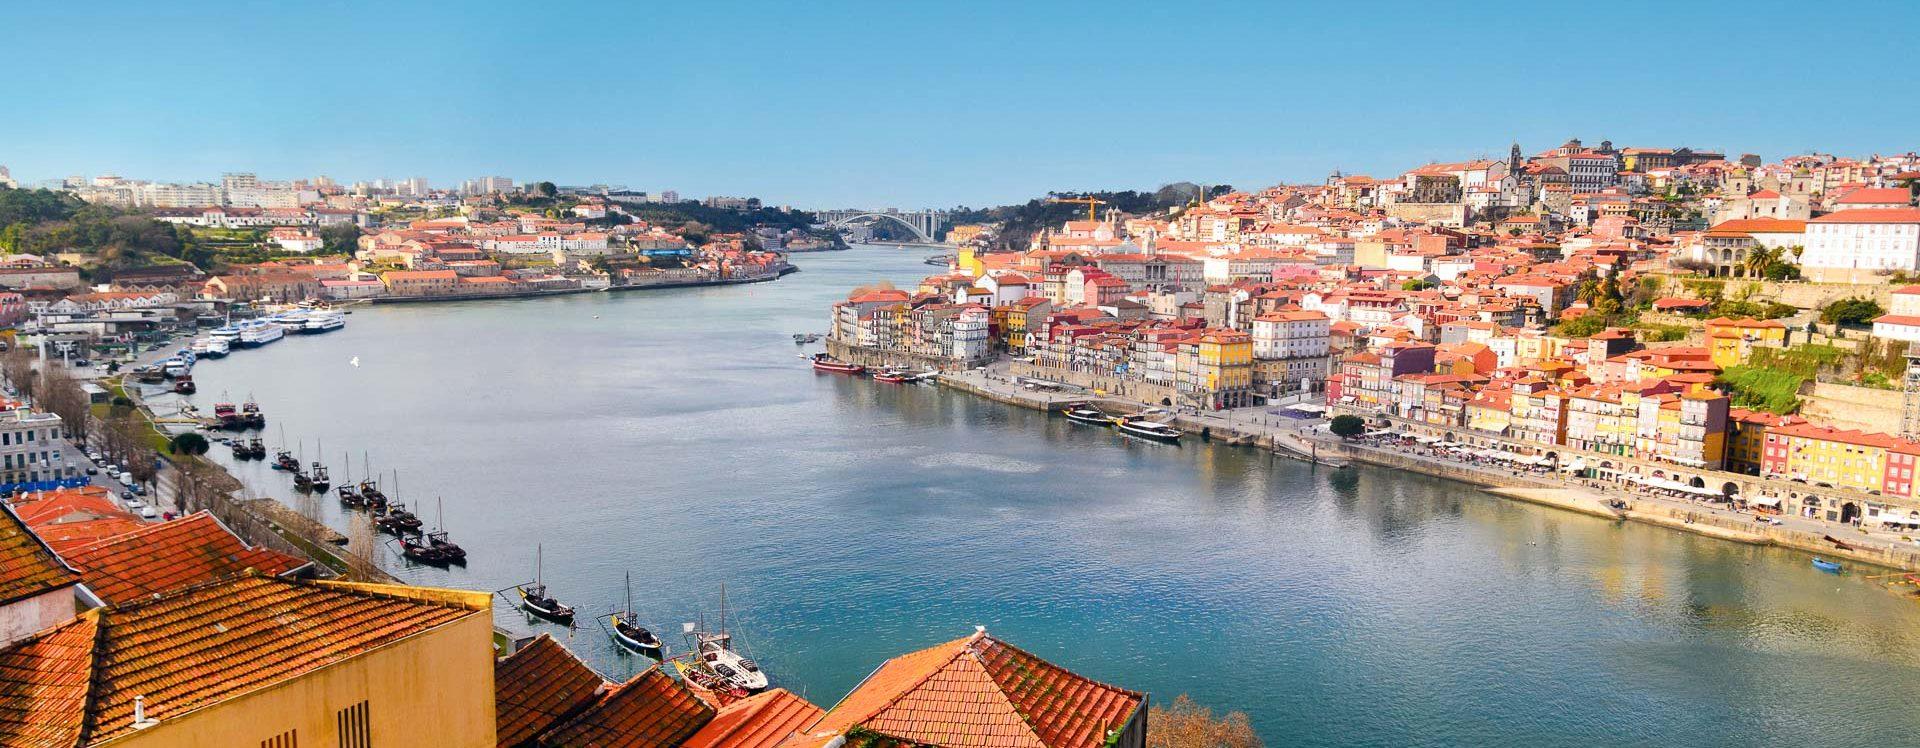 E-Bike Reisen entlang des Jakobweges - Blick über den Douro in Porto mit den Portweinschiffen (barcos rabelos) im Vordergrund